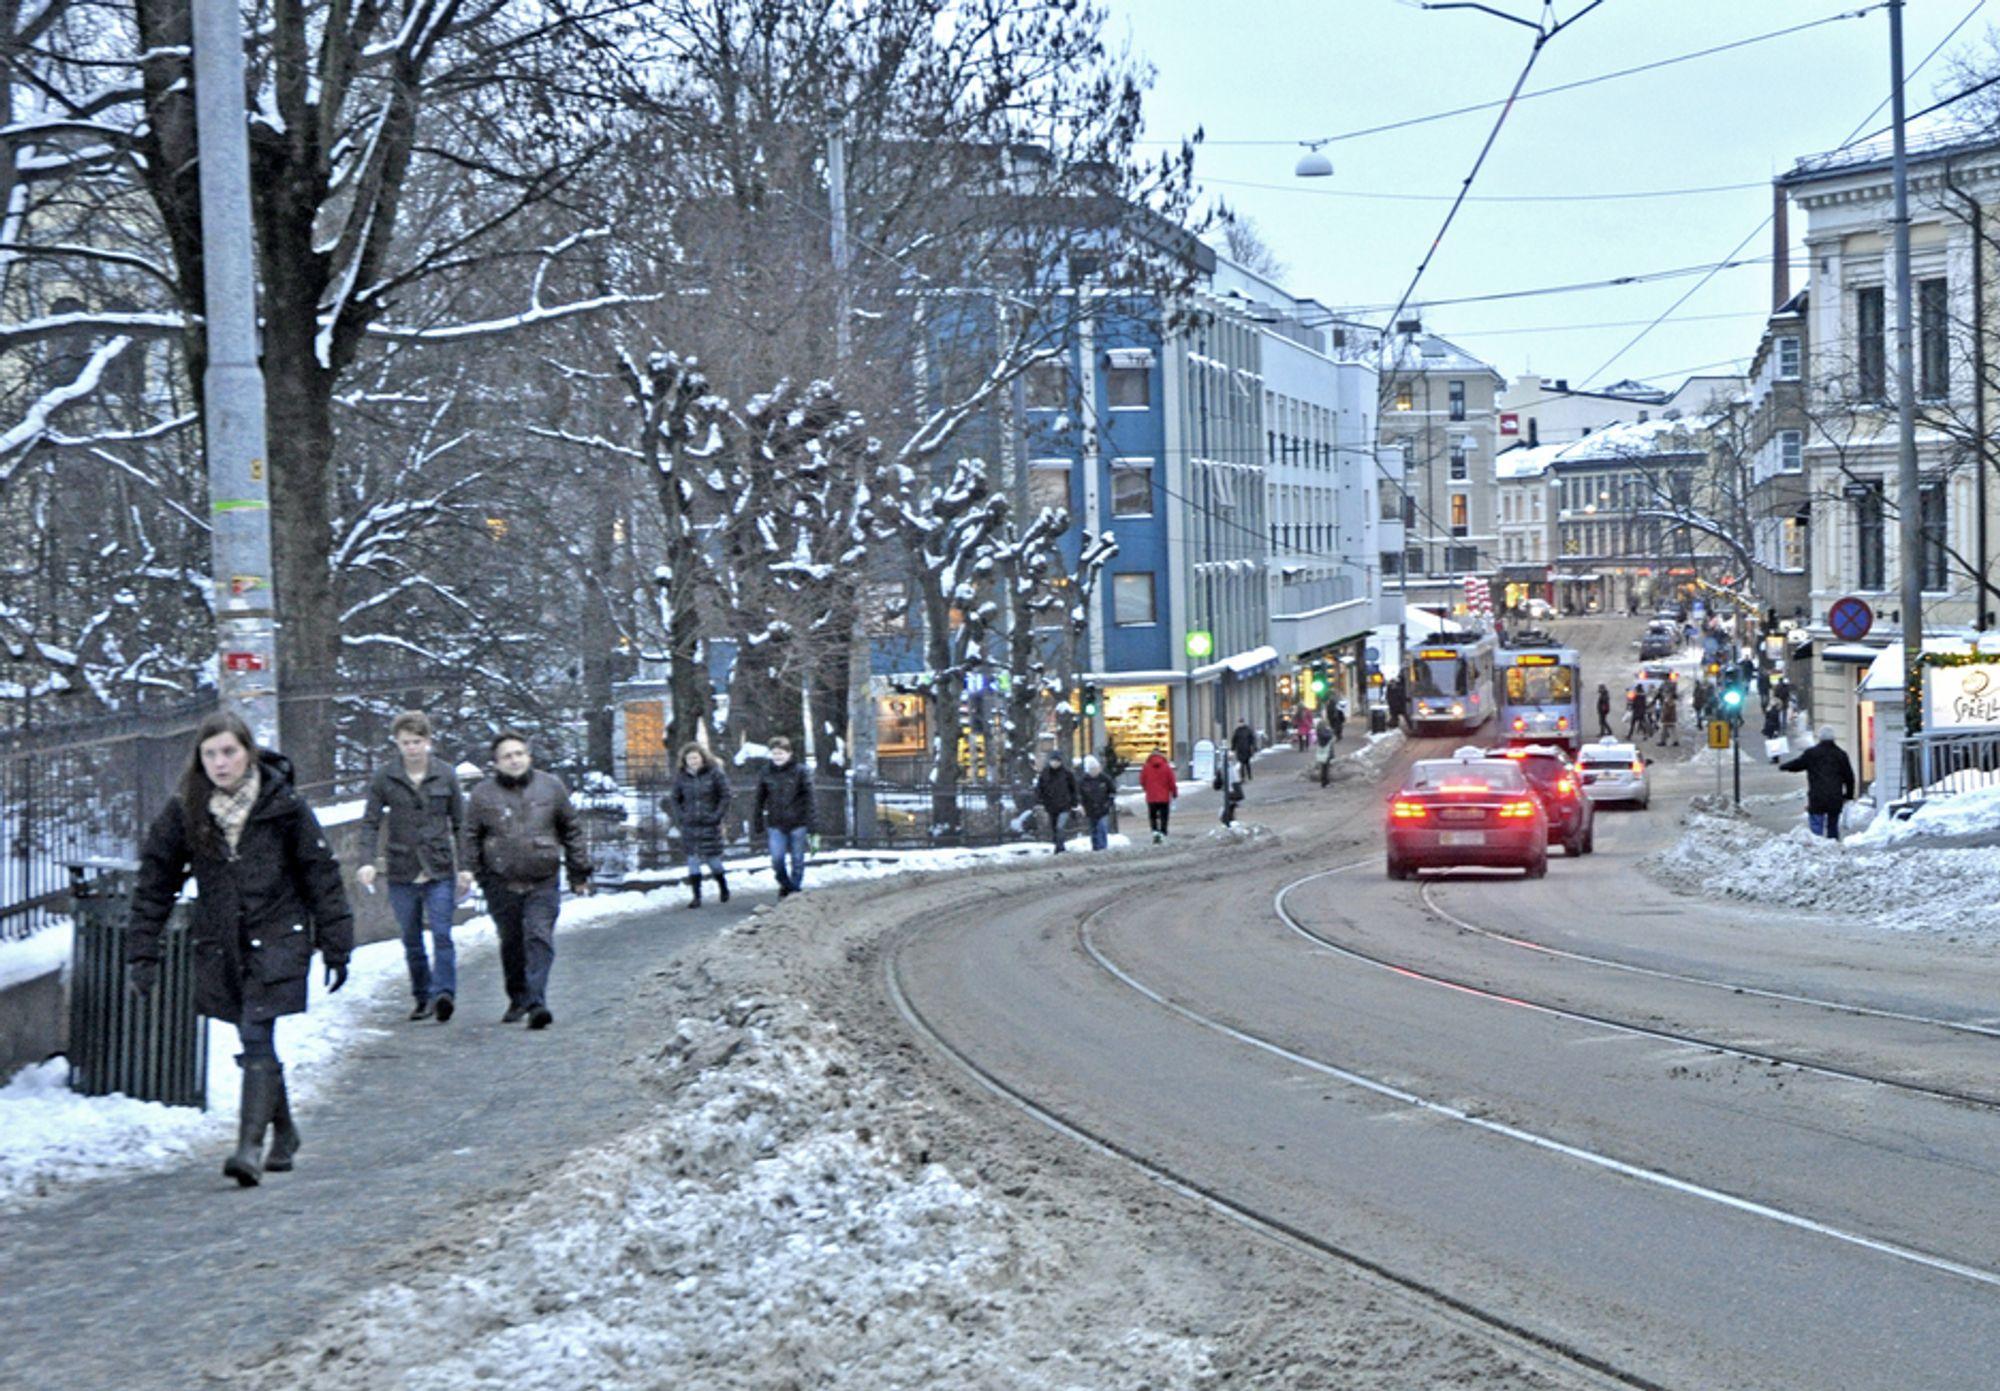 Fortauene langs Hegdehaugsveien og Bogstadveien har ikke en bredde som står i forhold til trafikken. Fotgjengerne til venstre på bildet får bedre plass når trikkeskinnene er flyttet nærmere midten av gata i løpet av året.